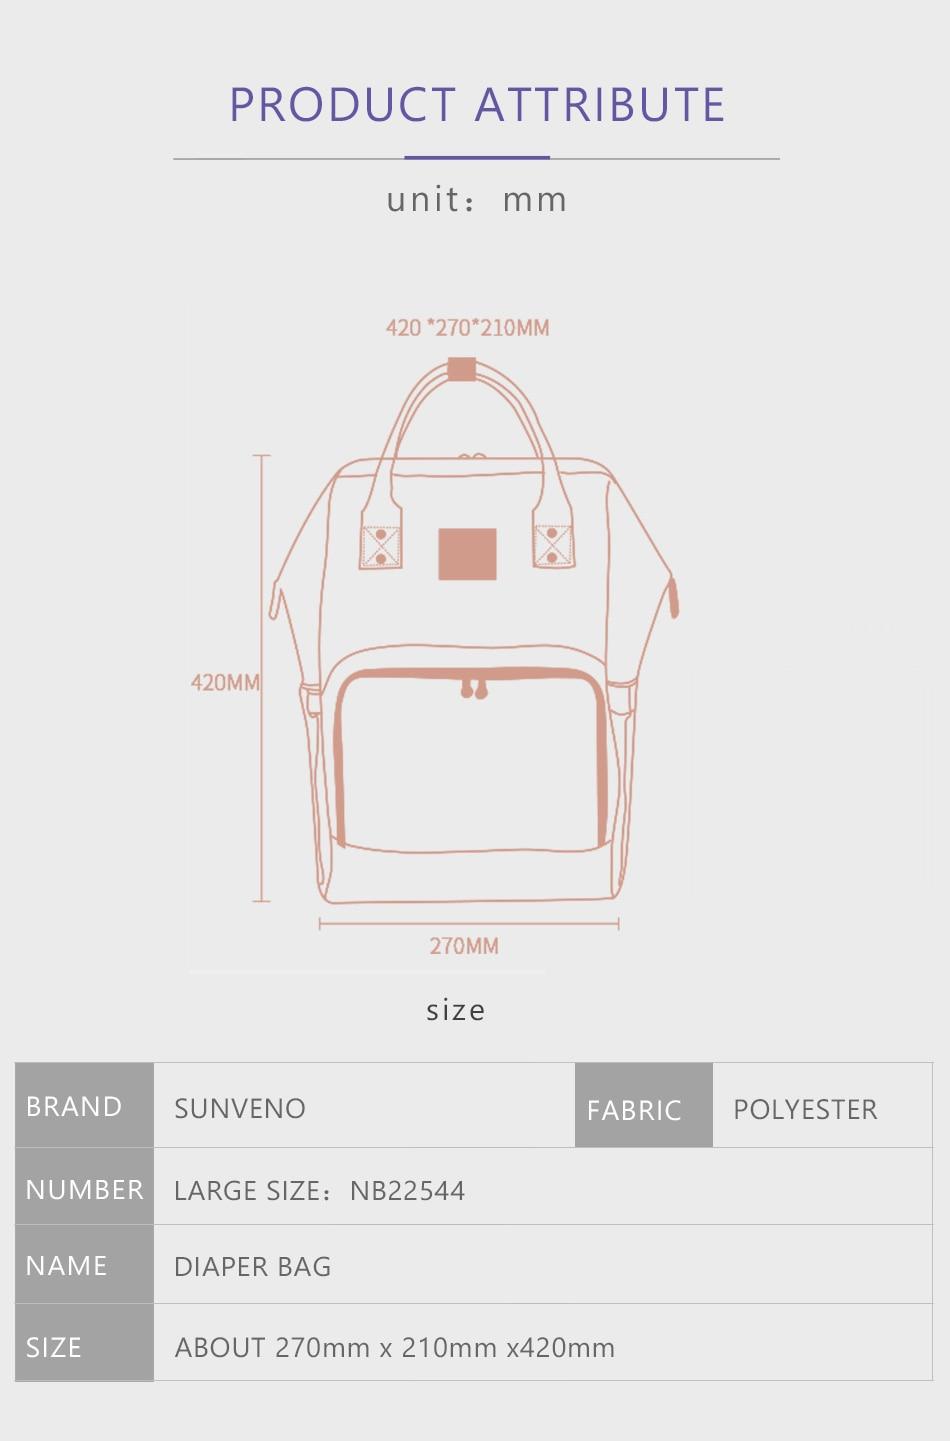 HTB1DJmum3DD8KJjy0Fdq6AjvXXah SUNVENO Mommy Diaper Bag Large Capacity Baby Nappy Bag Designer Nursing Bag Fashion Travel Backpack Baby Care Bag for Mother Kid